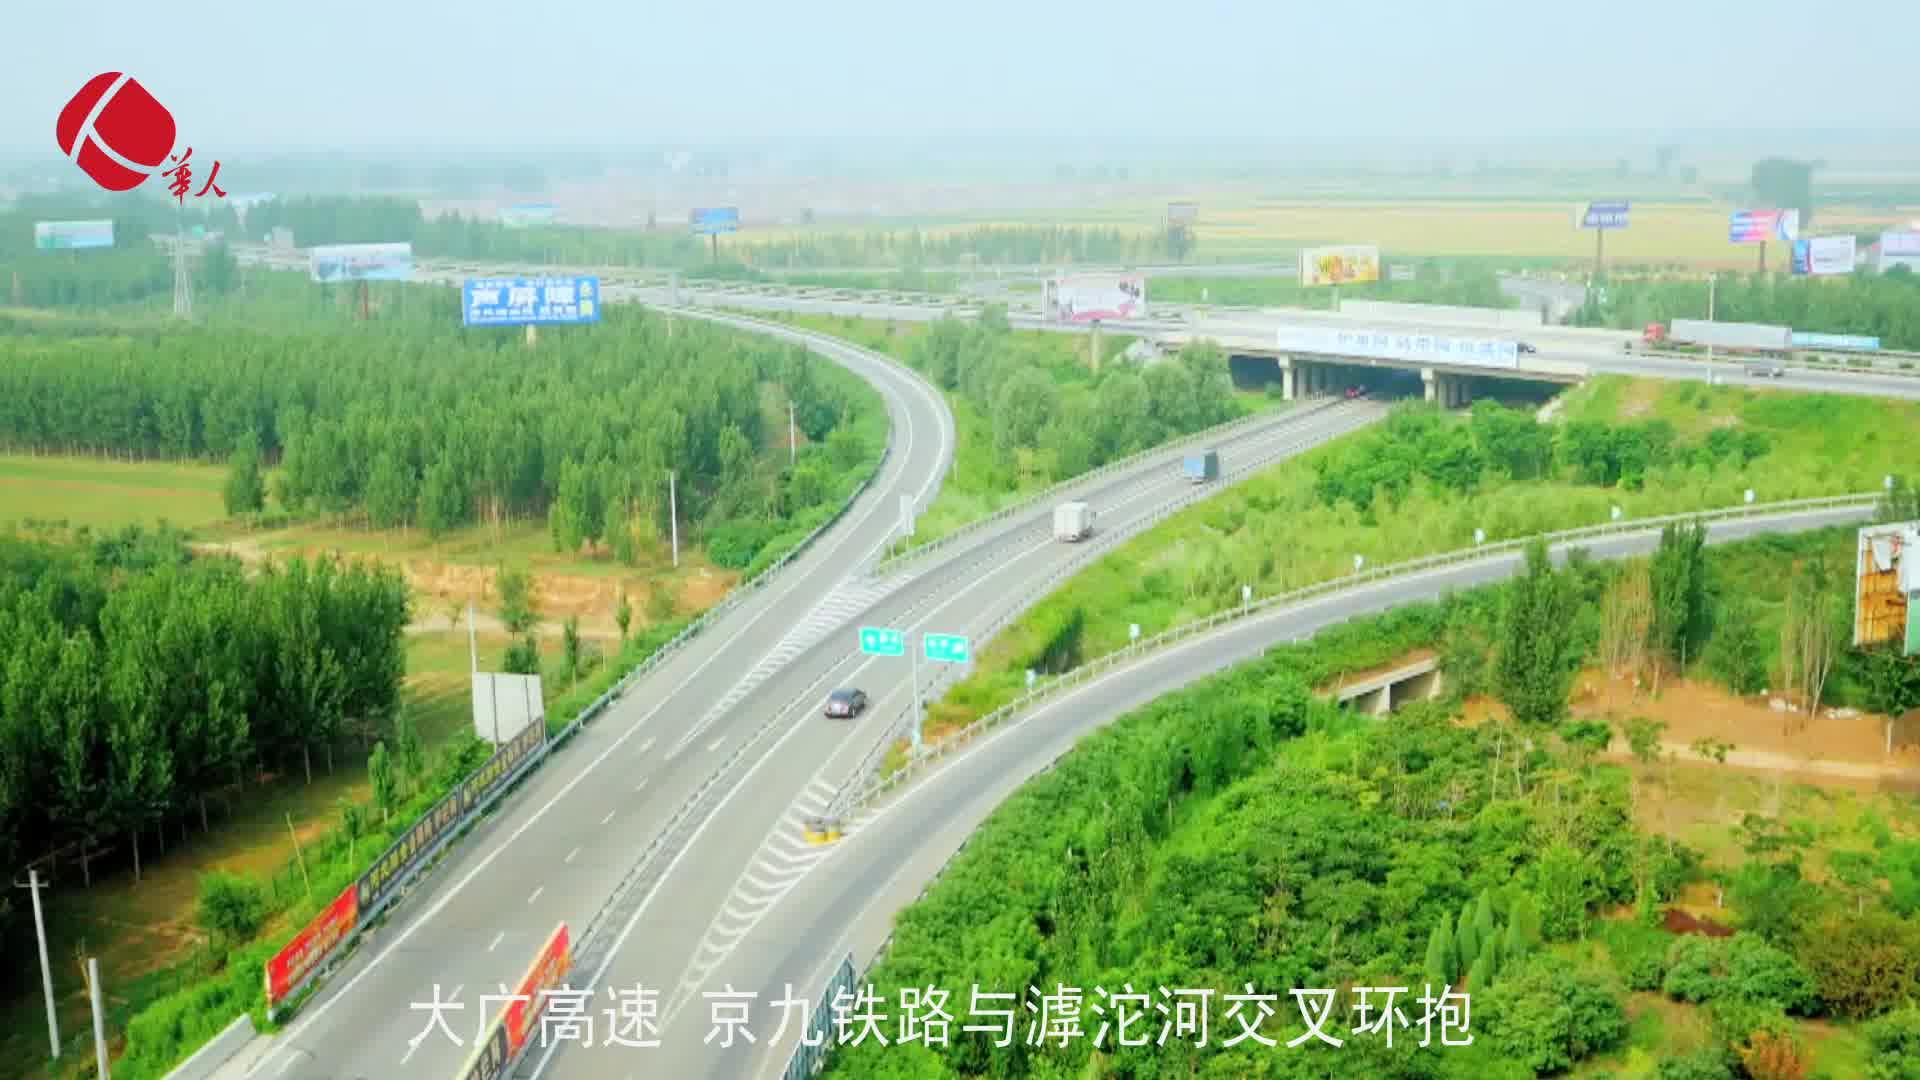 《中国推介》之《京南绿色明珠——饶阳》